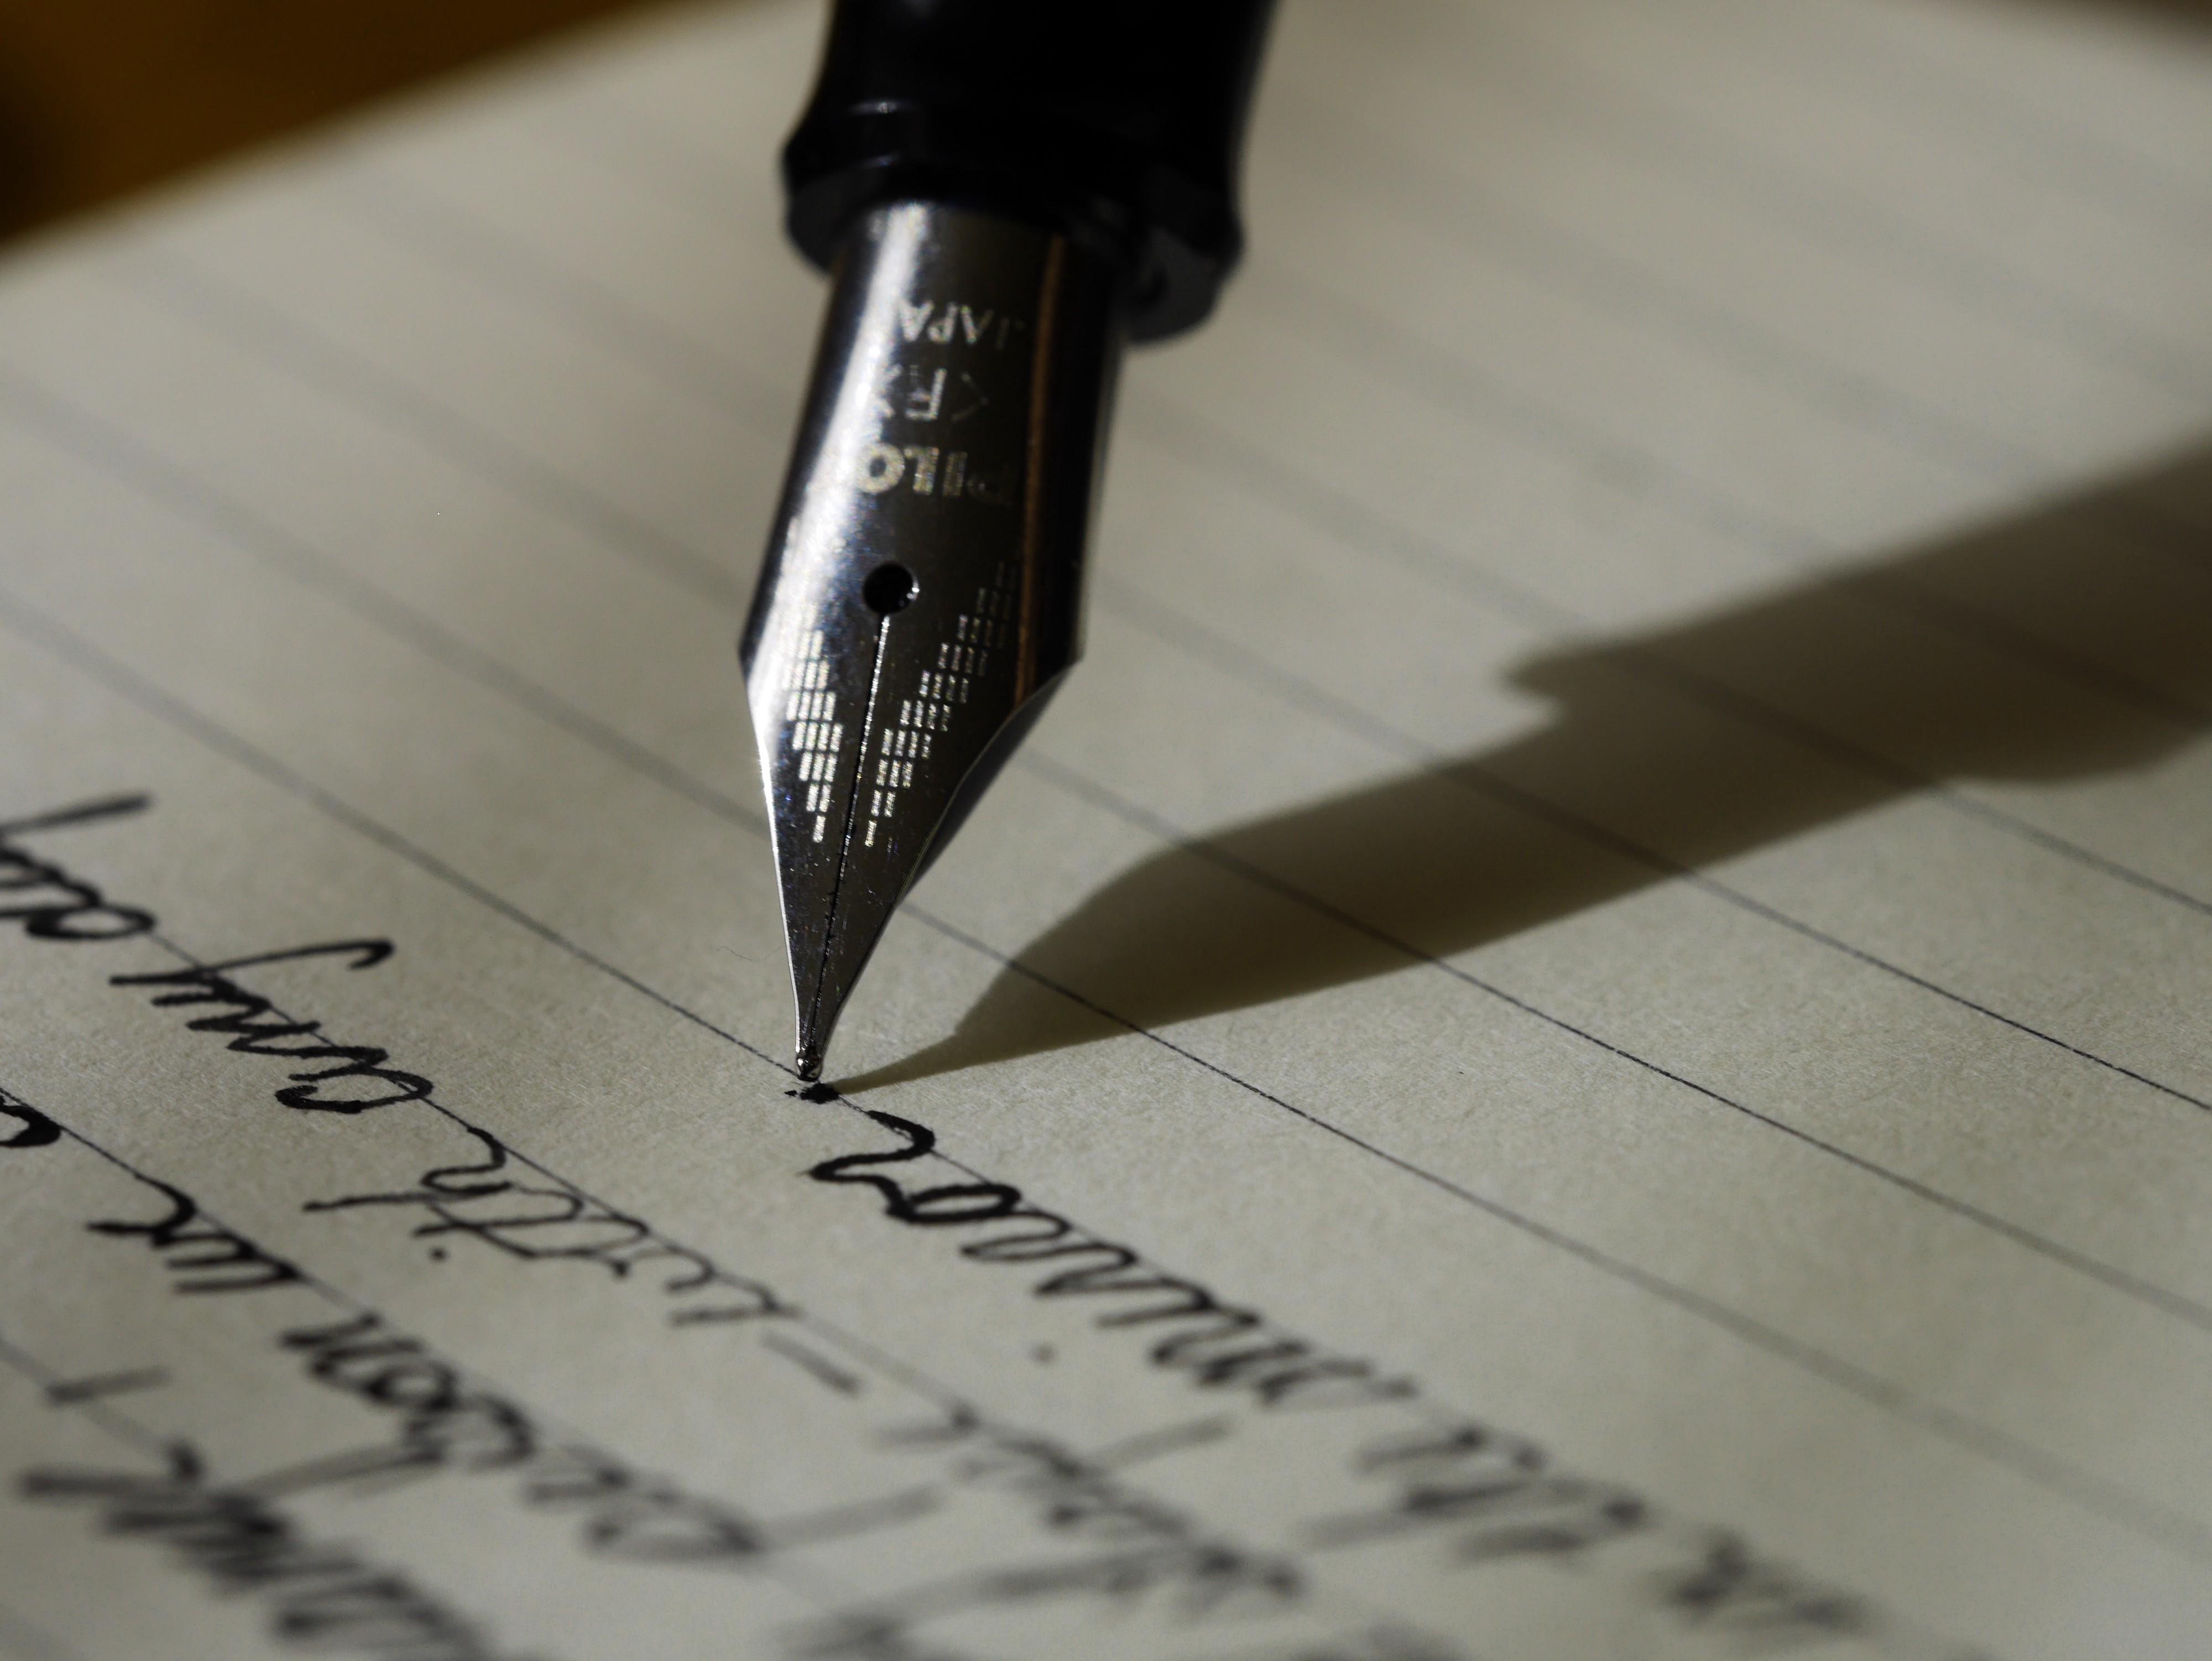 I will write SEO optimized article